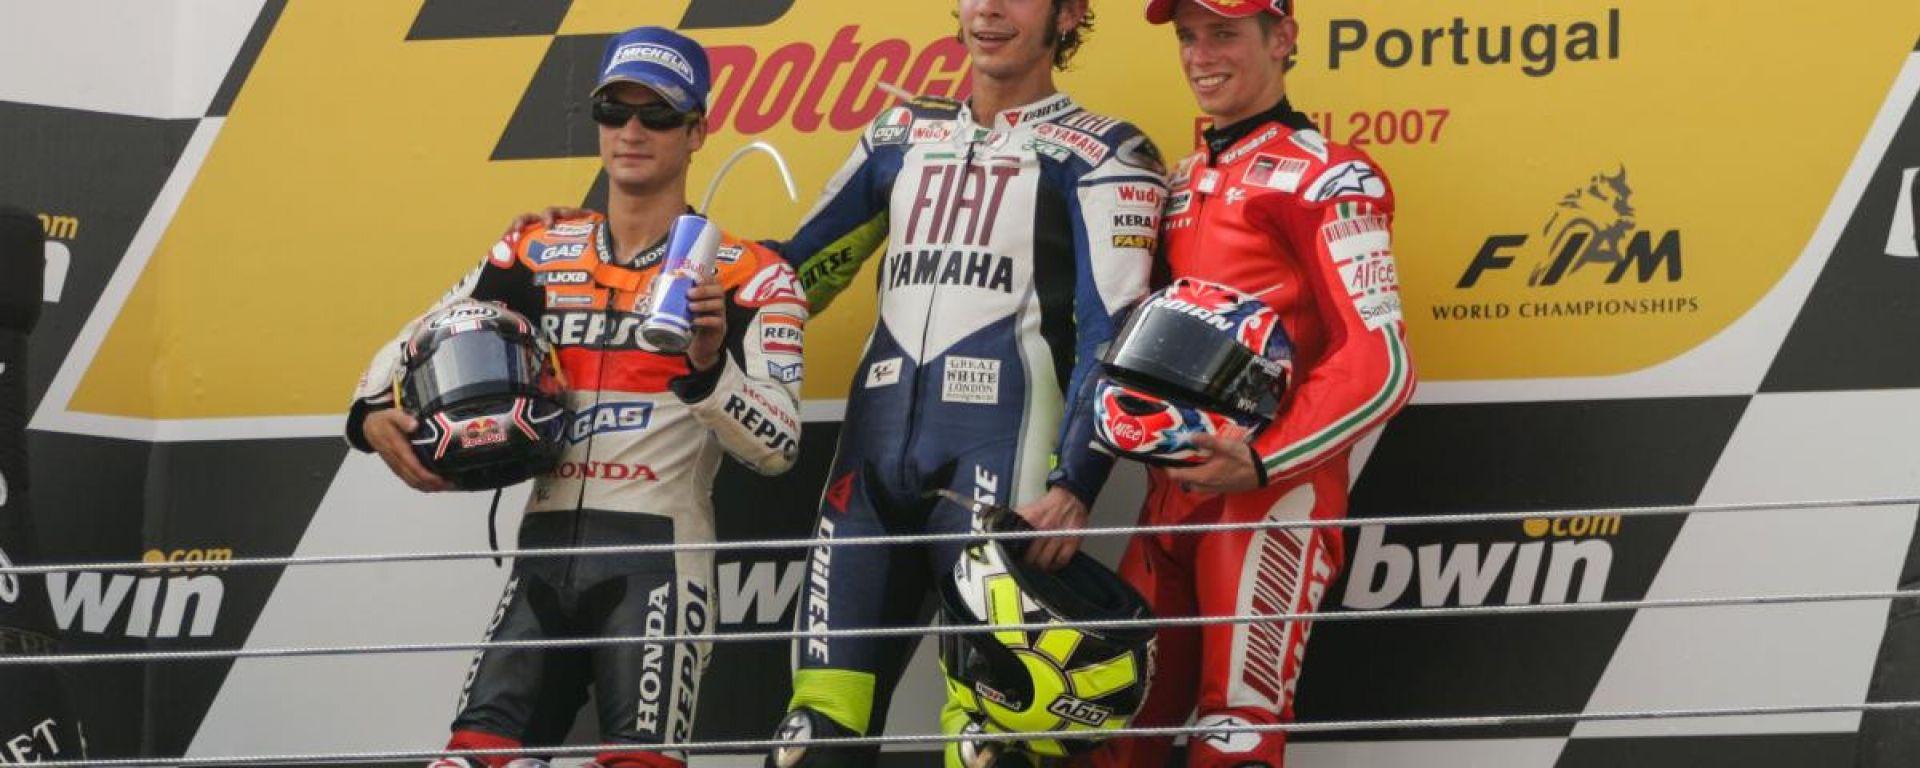 Il podio del GP del Portogallo 2007 con Dani Pedrosa (Honda), Valentino Rossi (Yamaha) e Casey Stoner (Ducati)